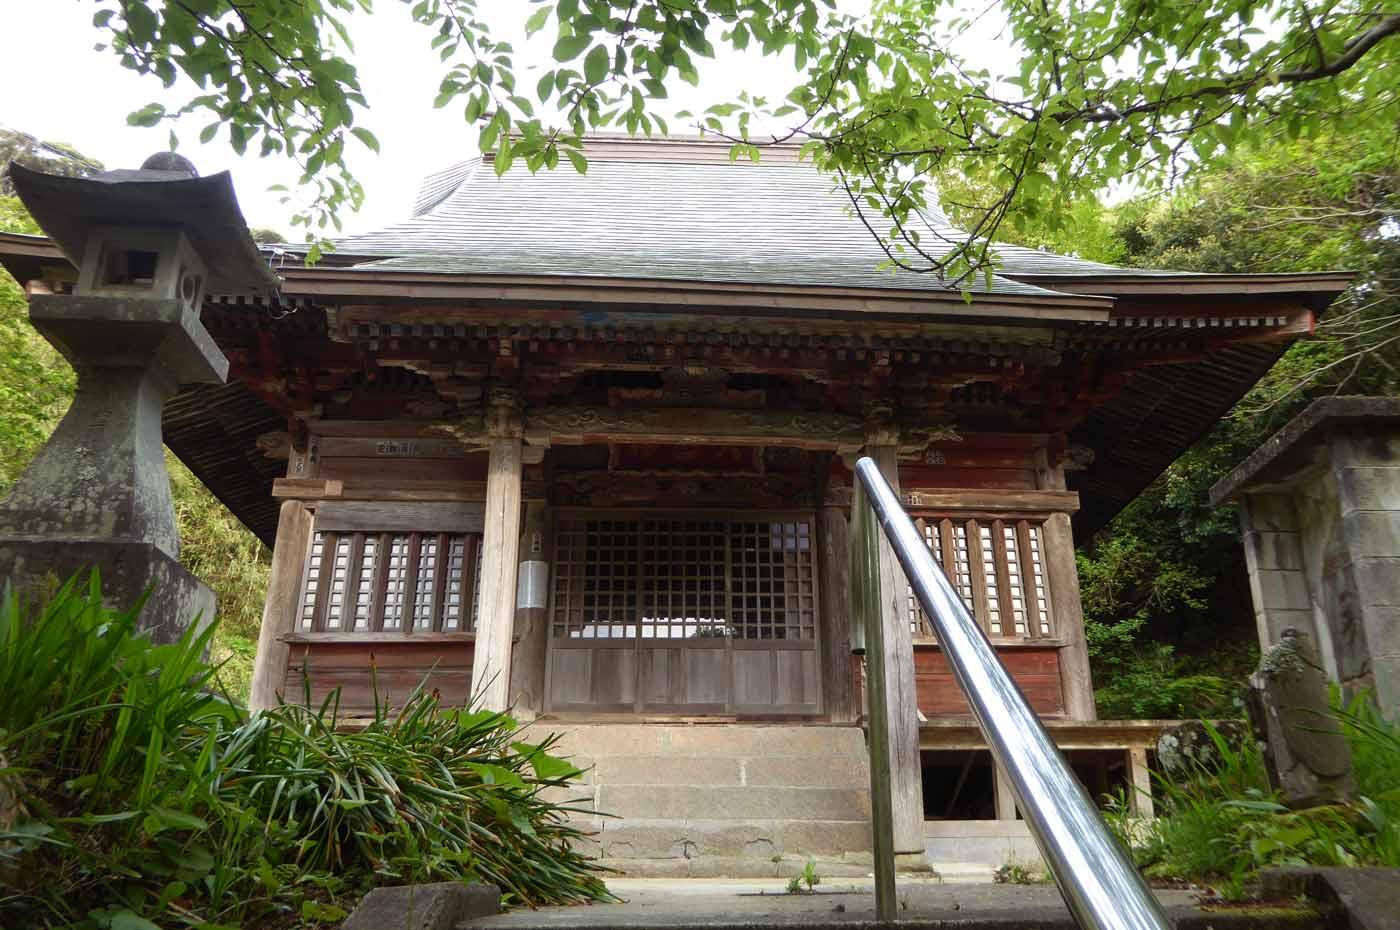 信福寺観音堂の画像